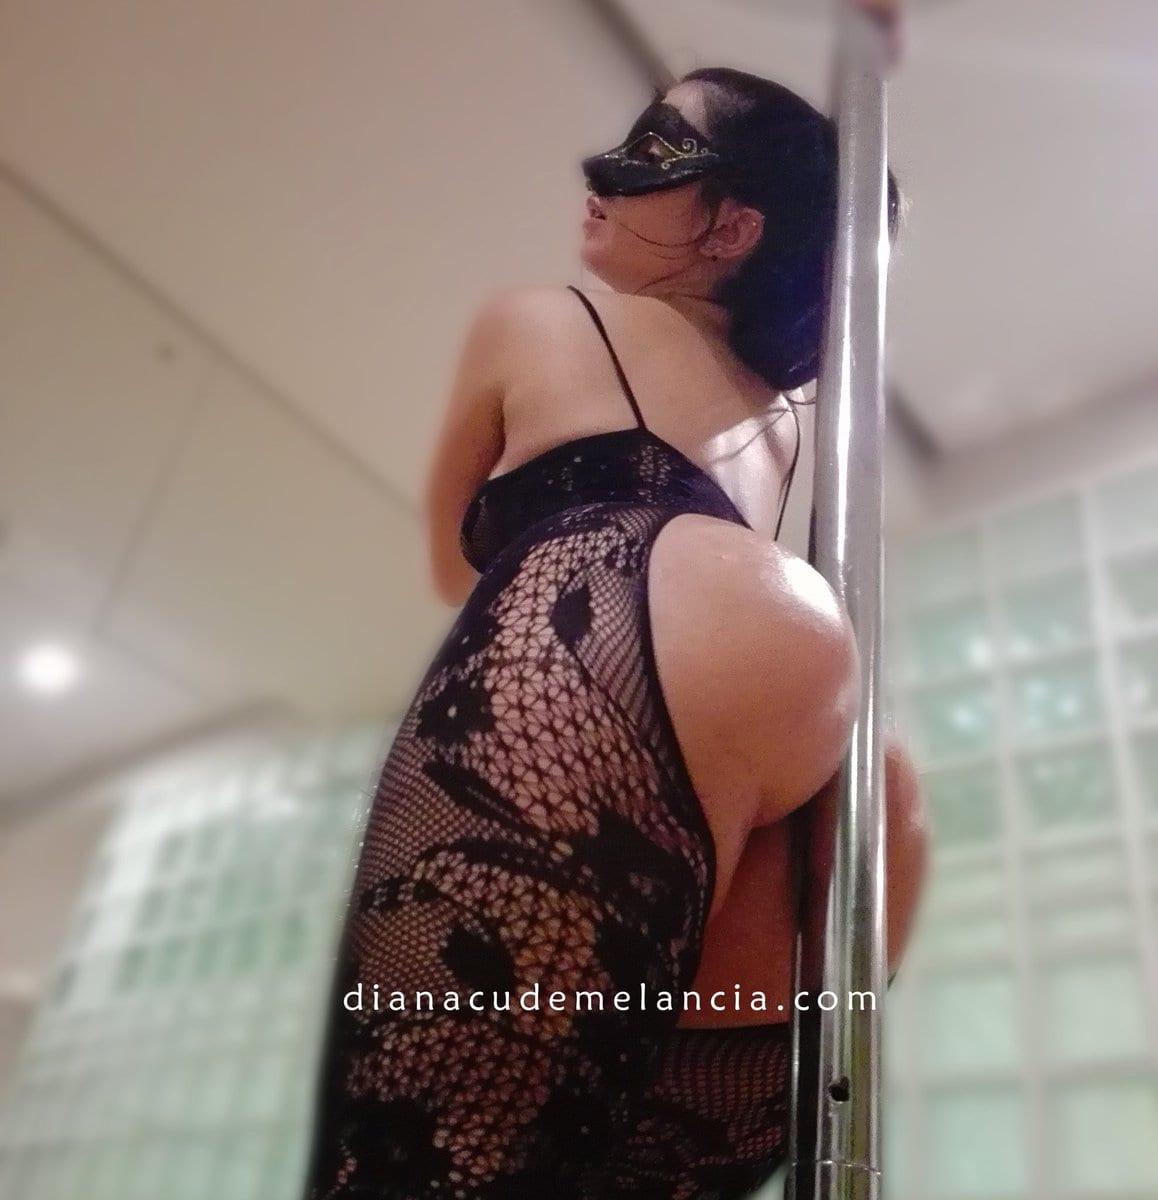 dianacudemelancia sexo grátis vídeos